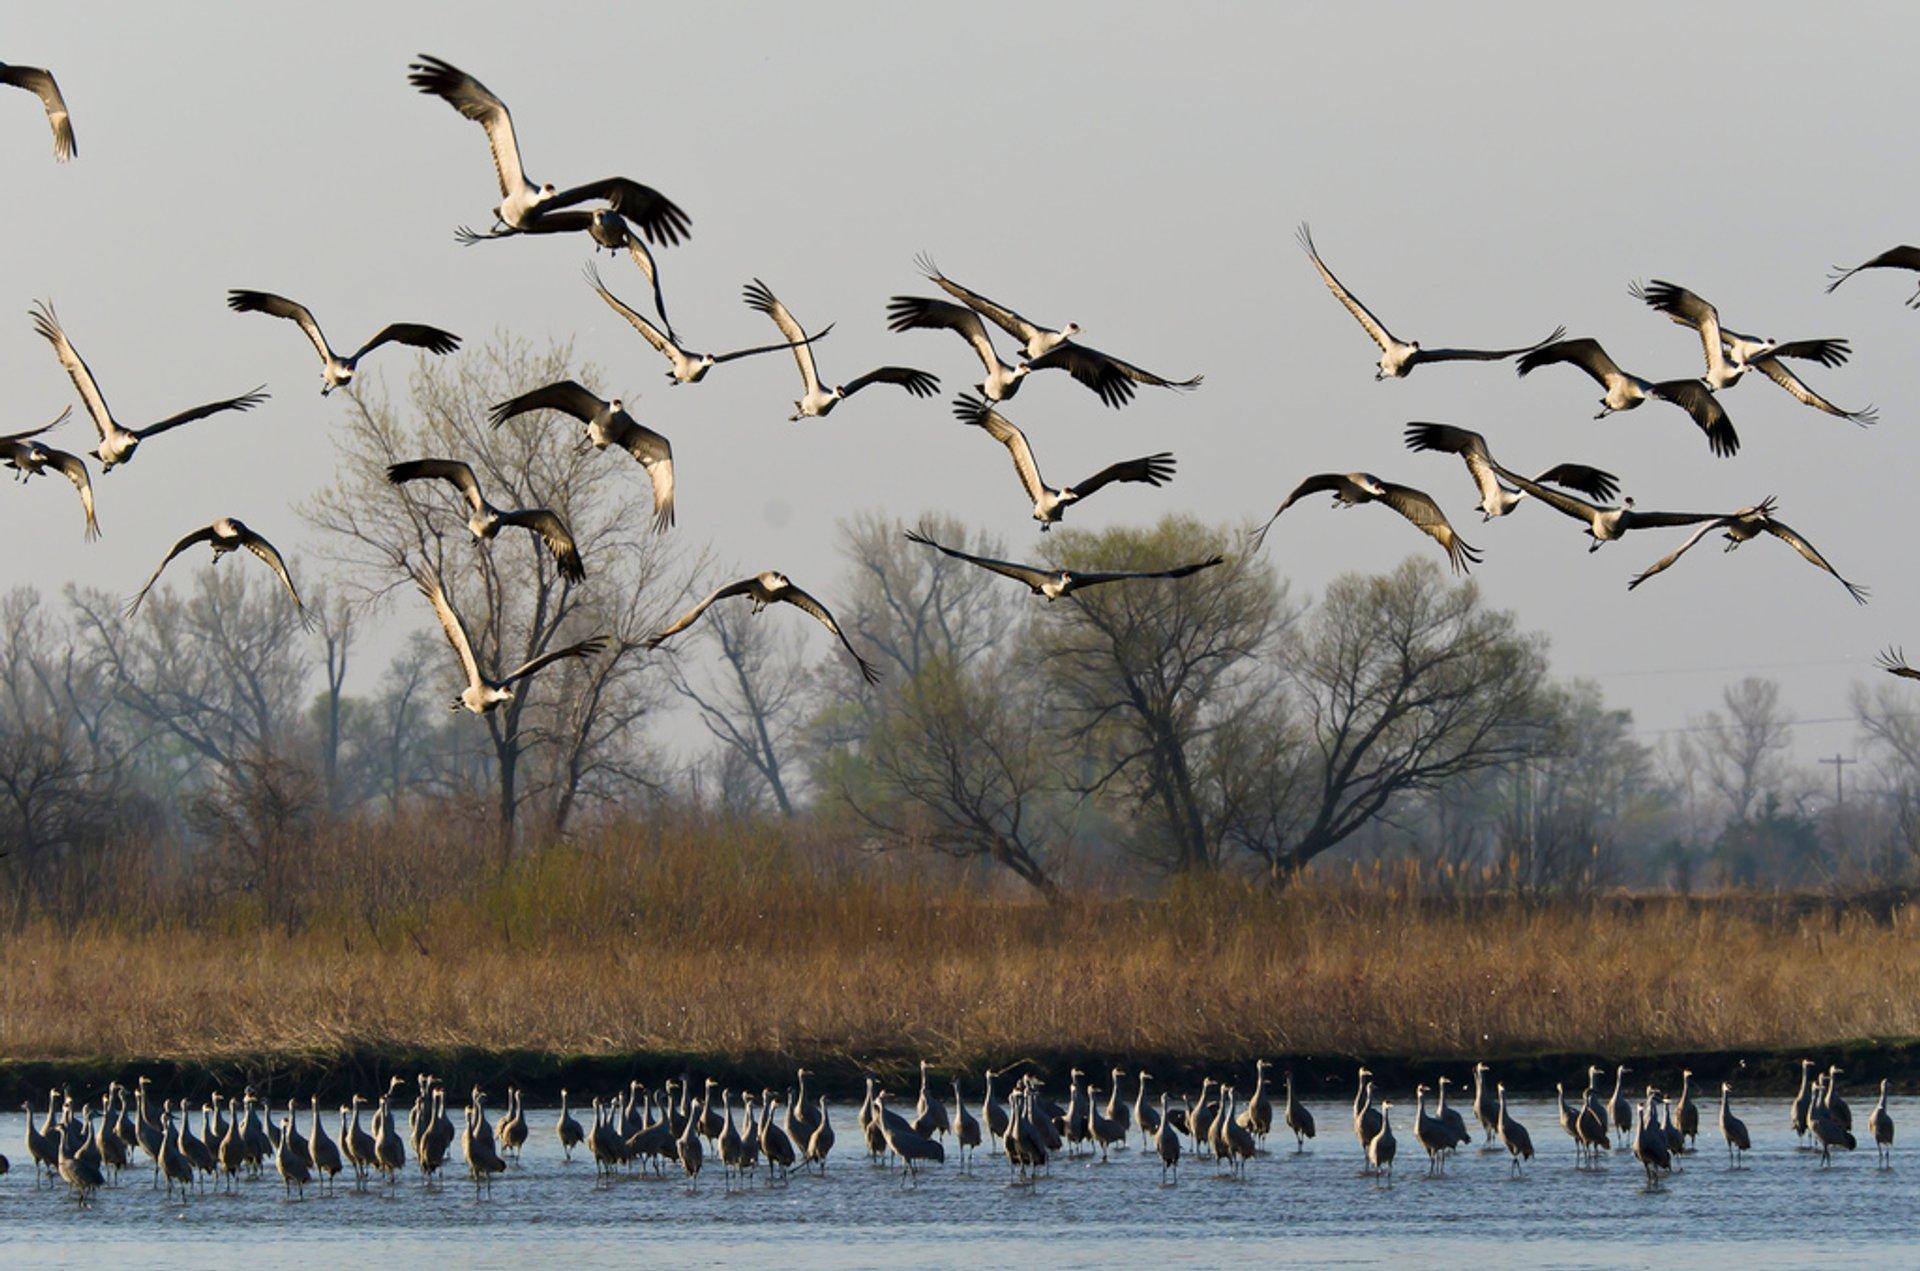 Sandhill Migration on the Platte River 2019